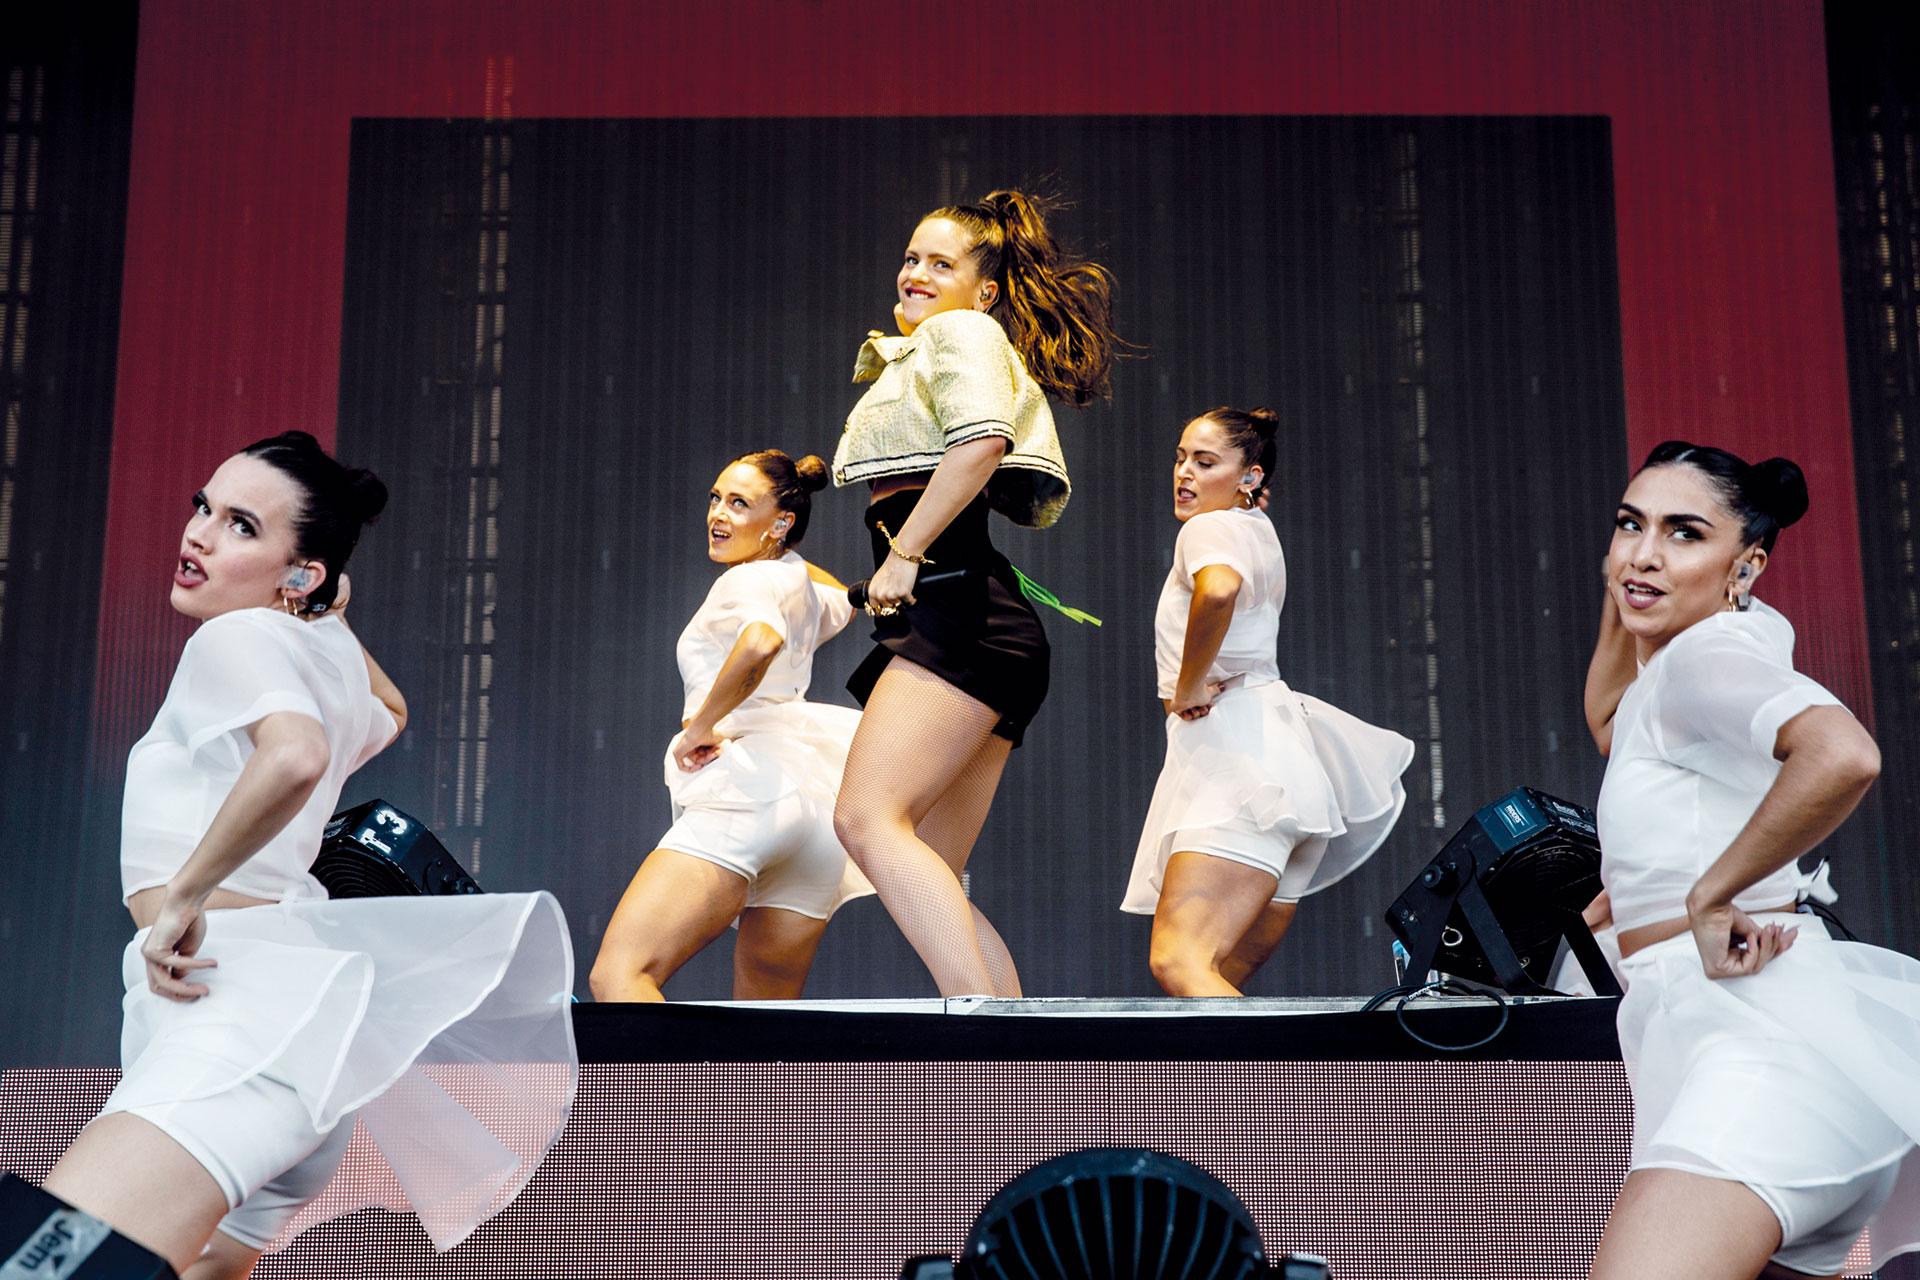 Rosalía: torera chic, con minishort de cintura alta y saco de mangas cortas de inspiración Chanel. Su vestuarista es su amiga, IT girl y DJ Sita Abellán, quien pasó música en el festival multitudinario.